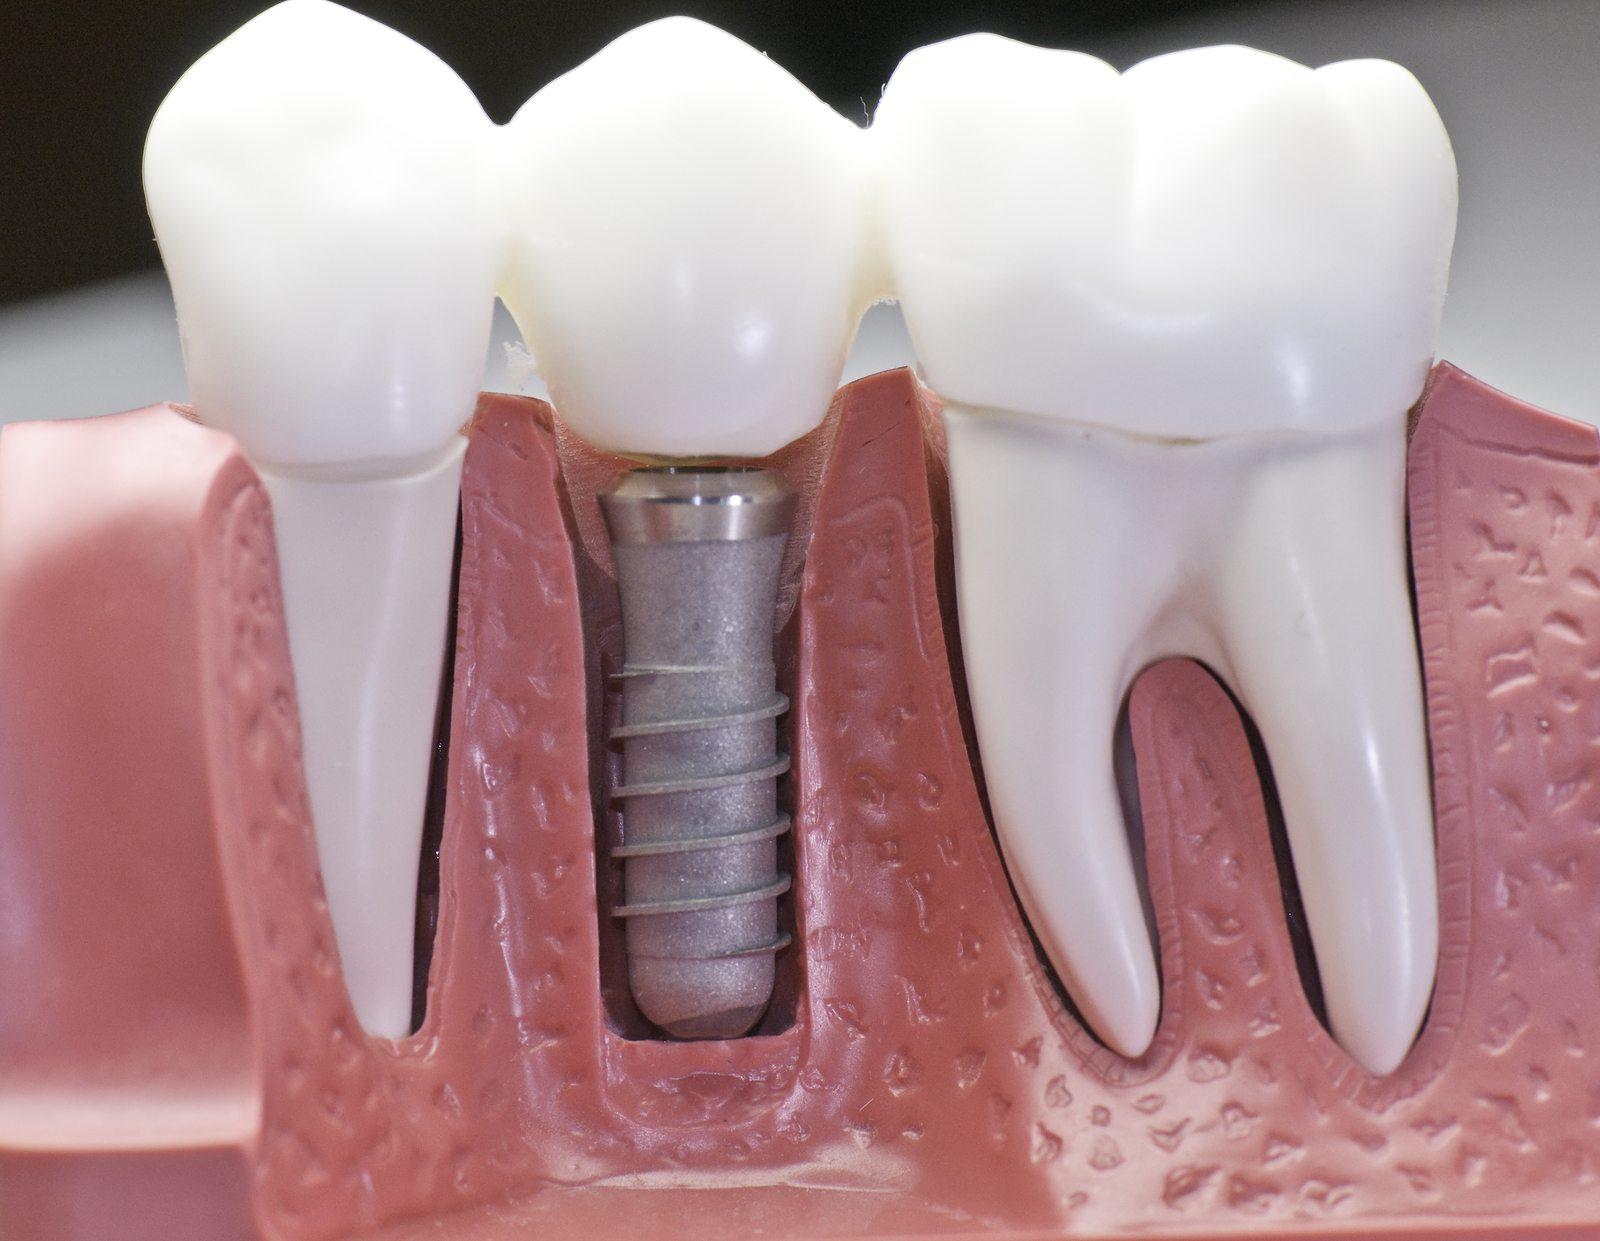 Implant Crossview